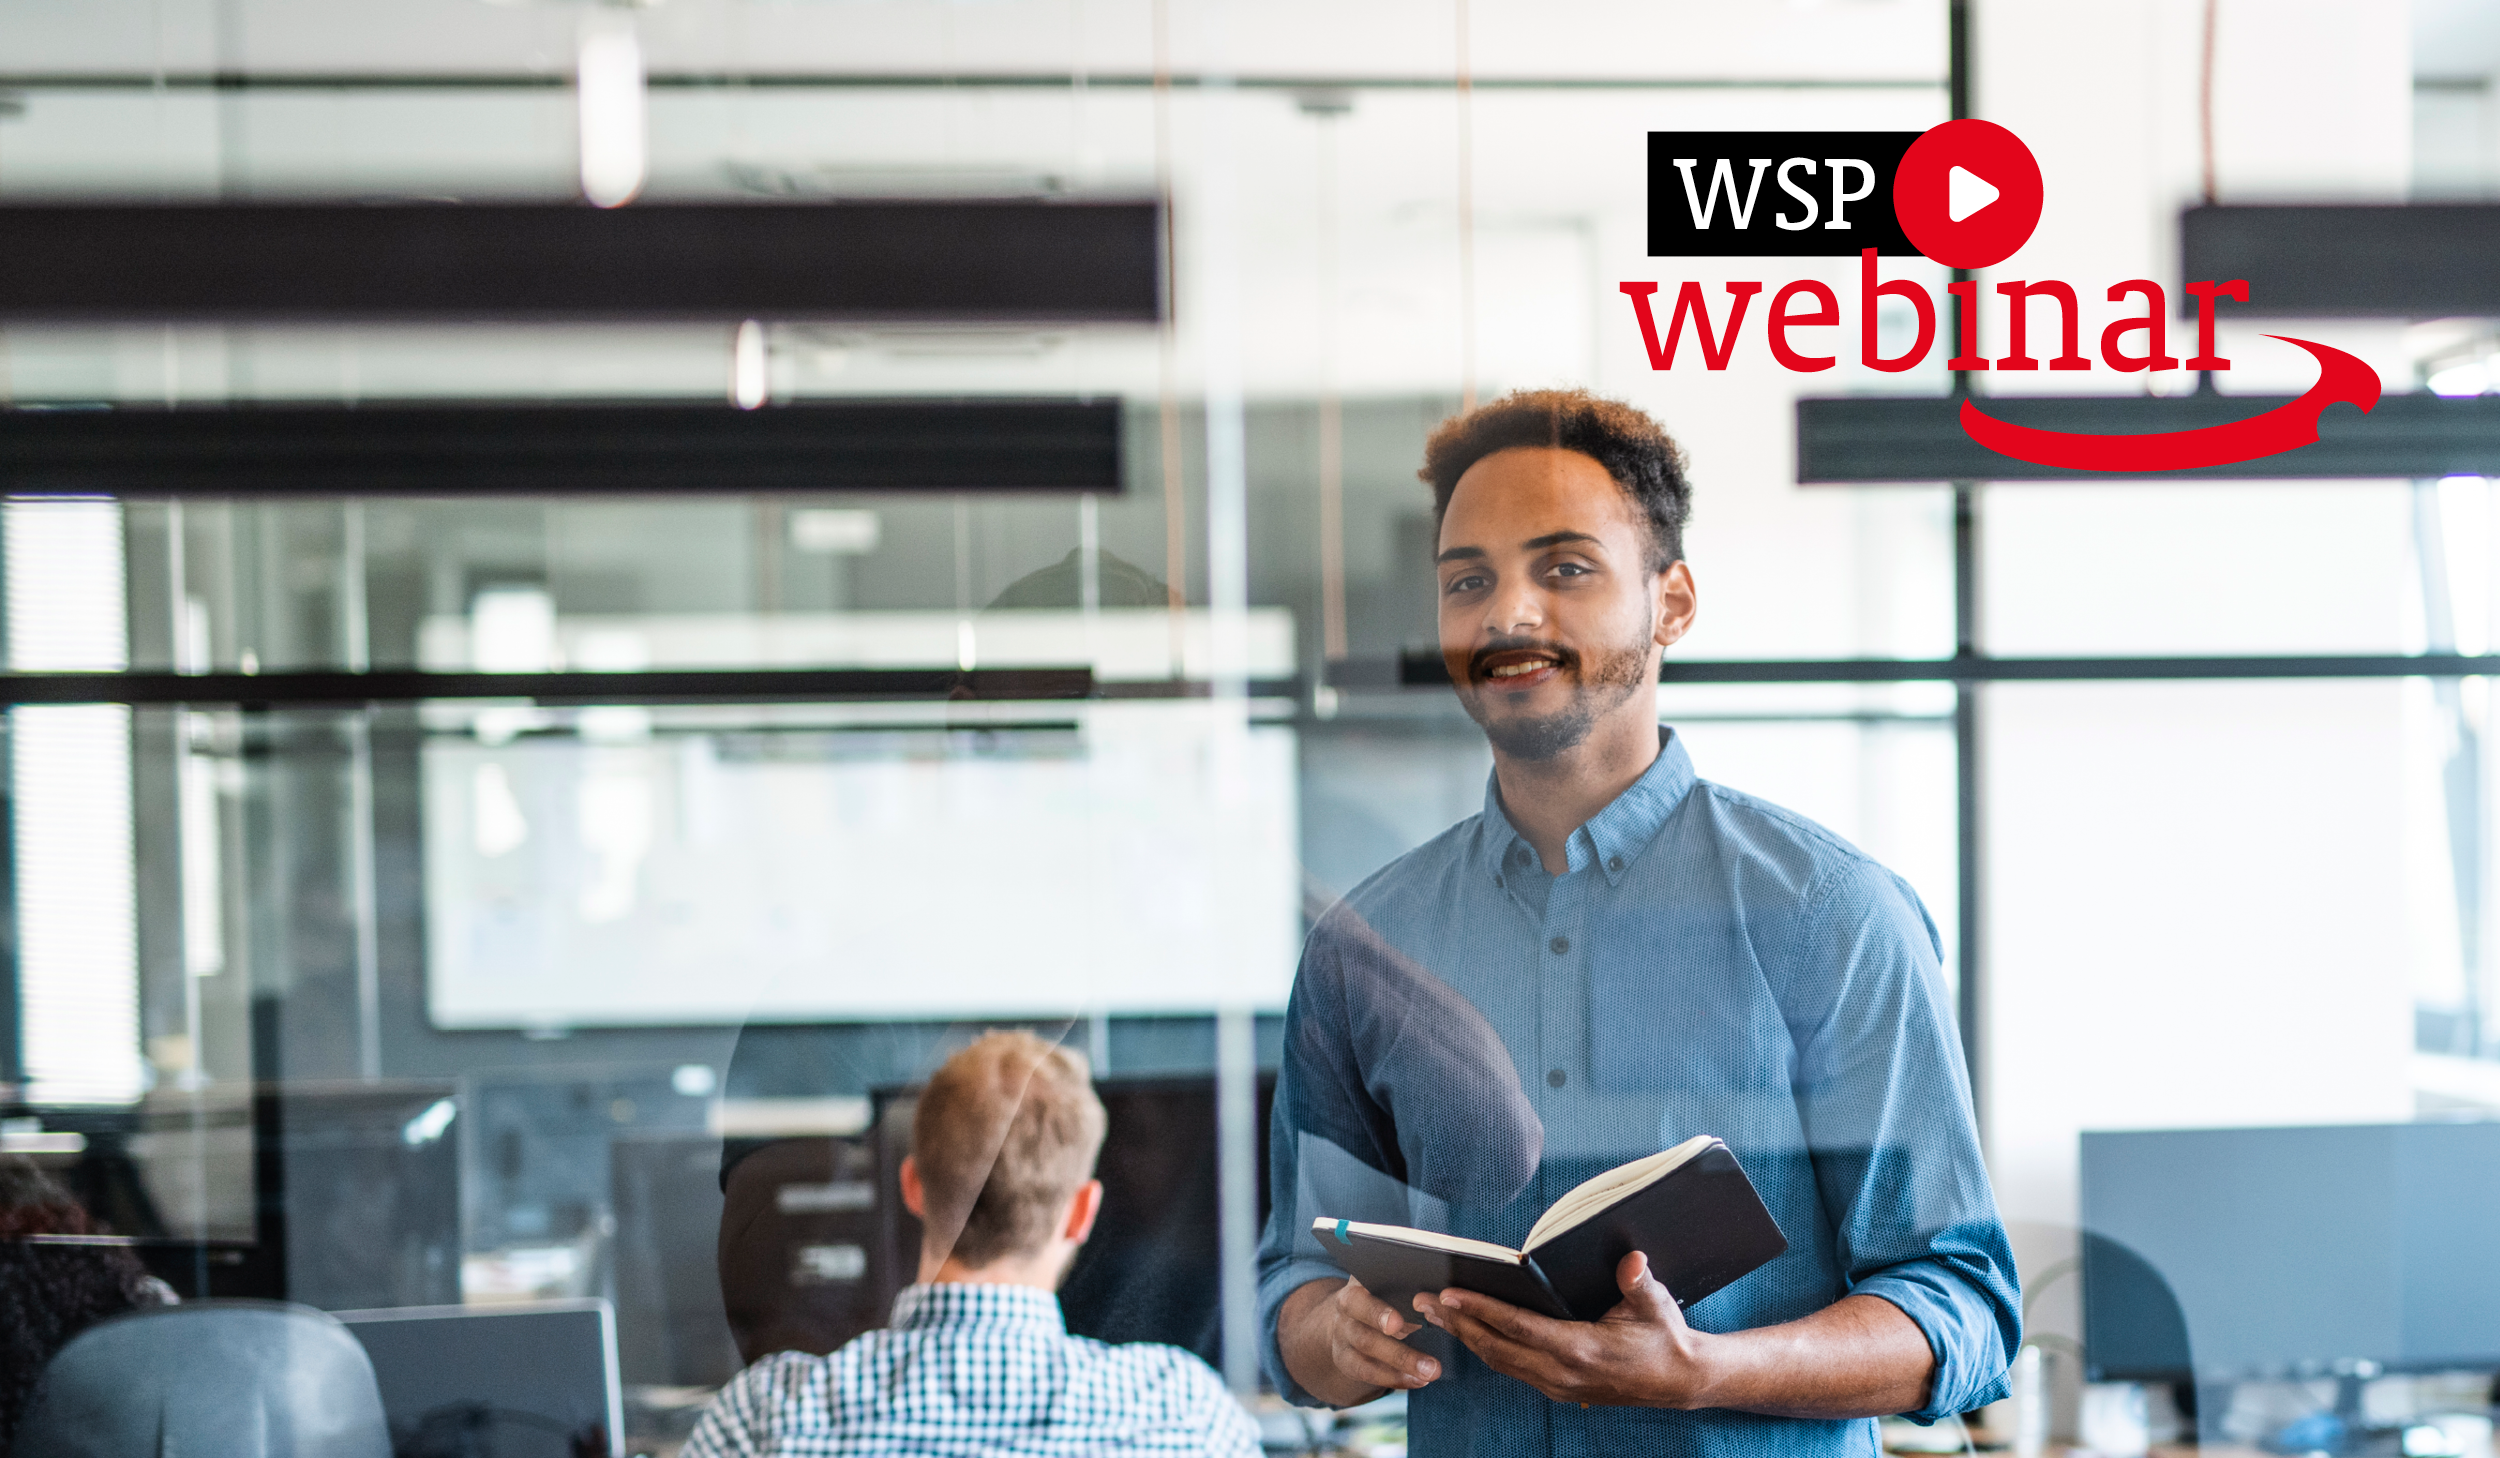 WSP webinar reboarding